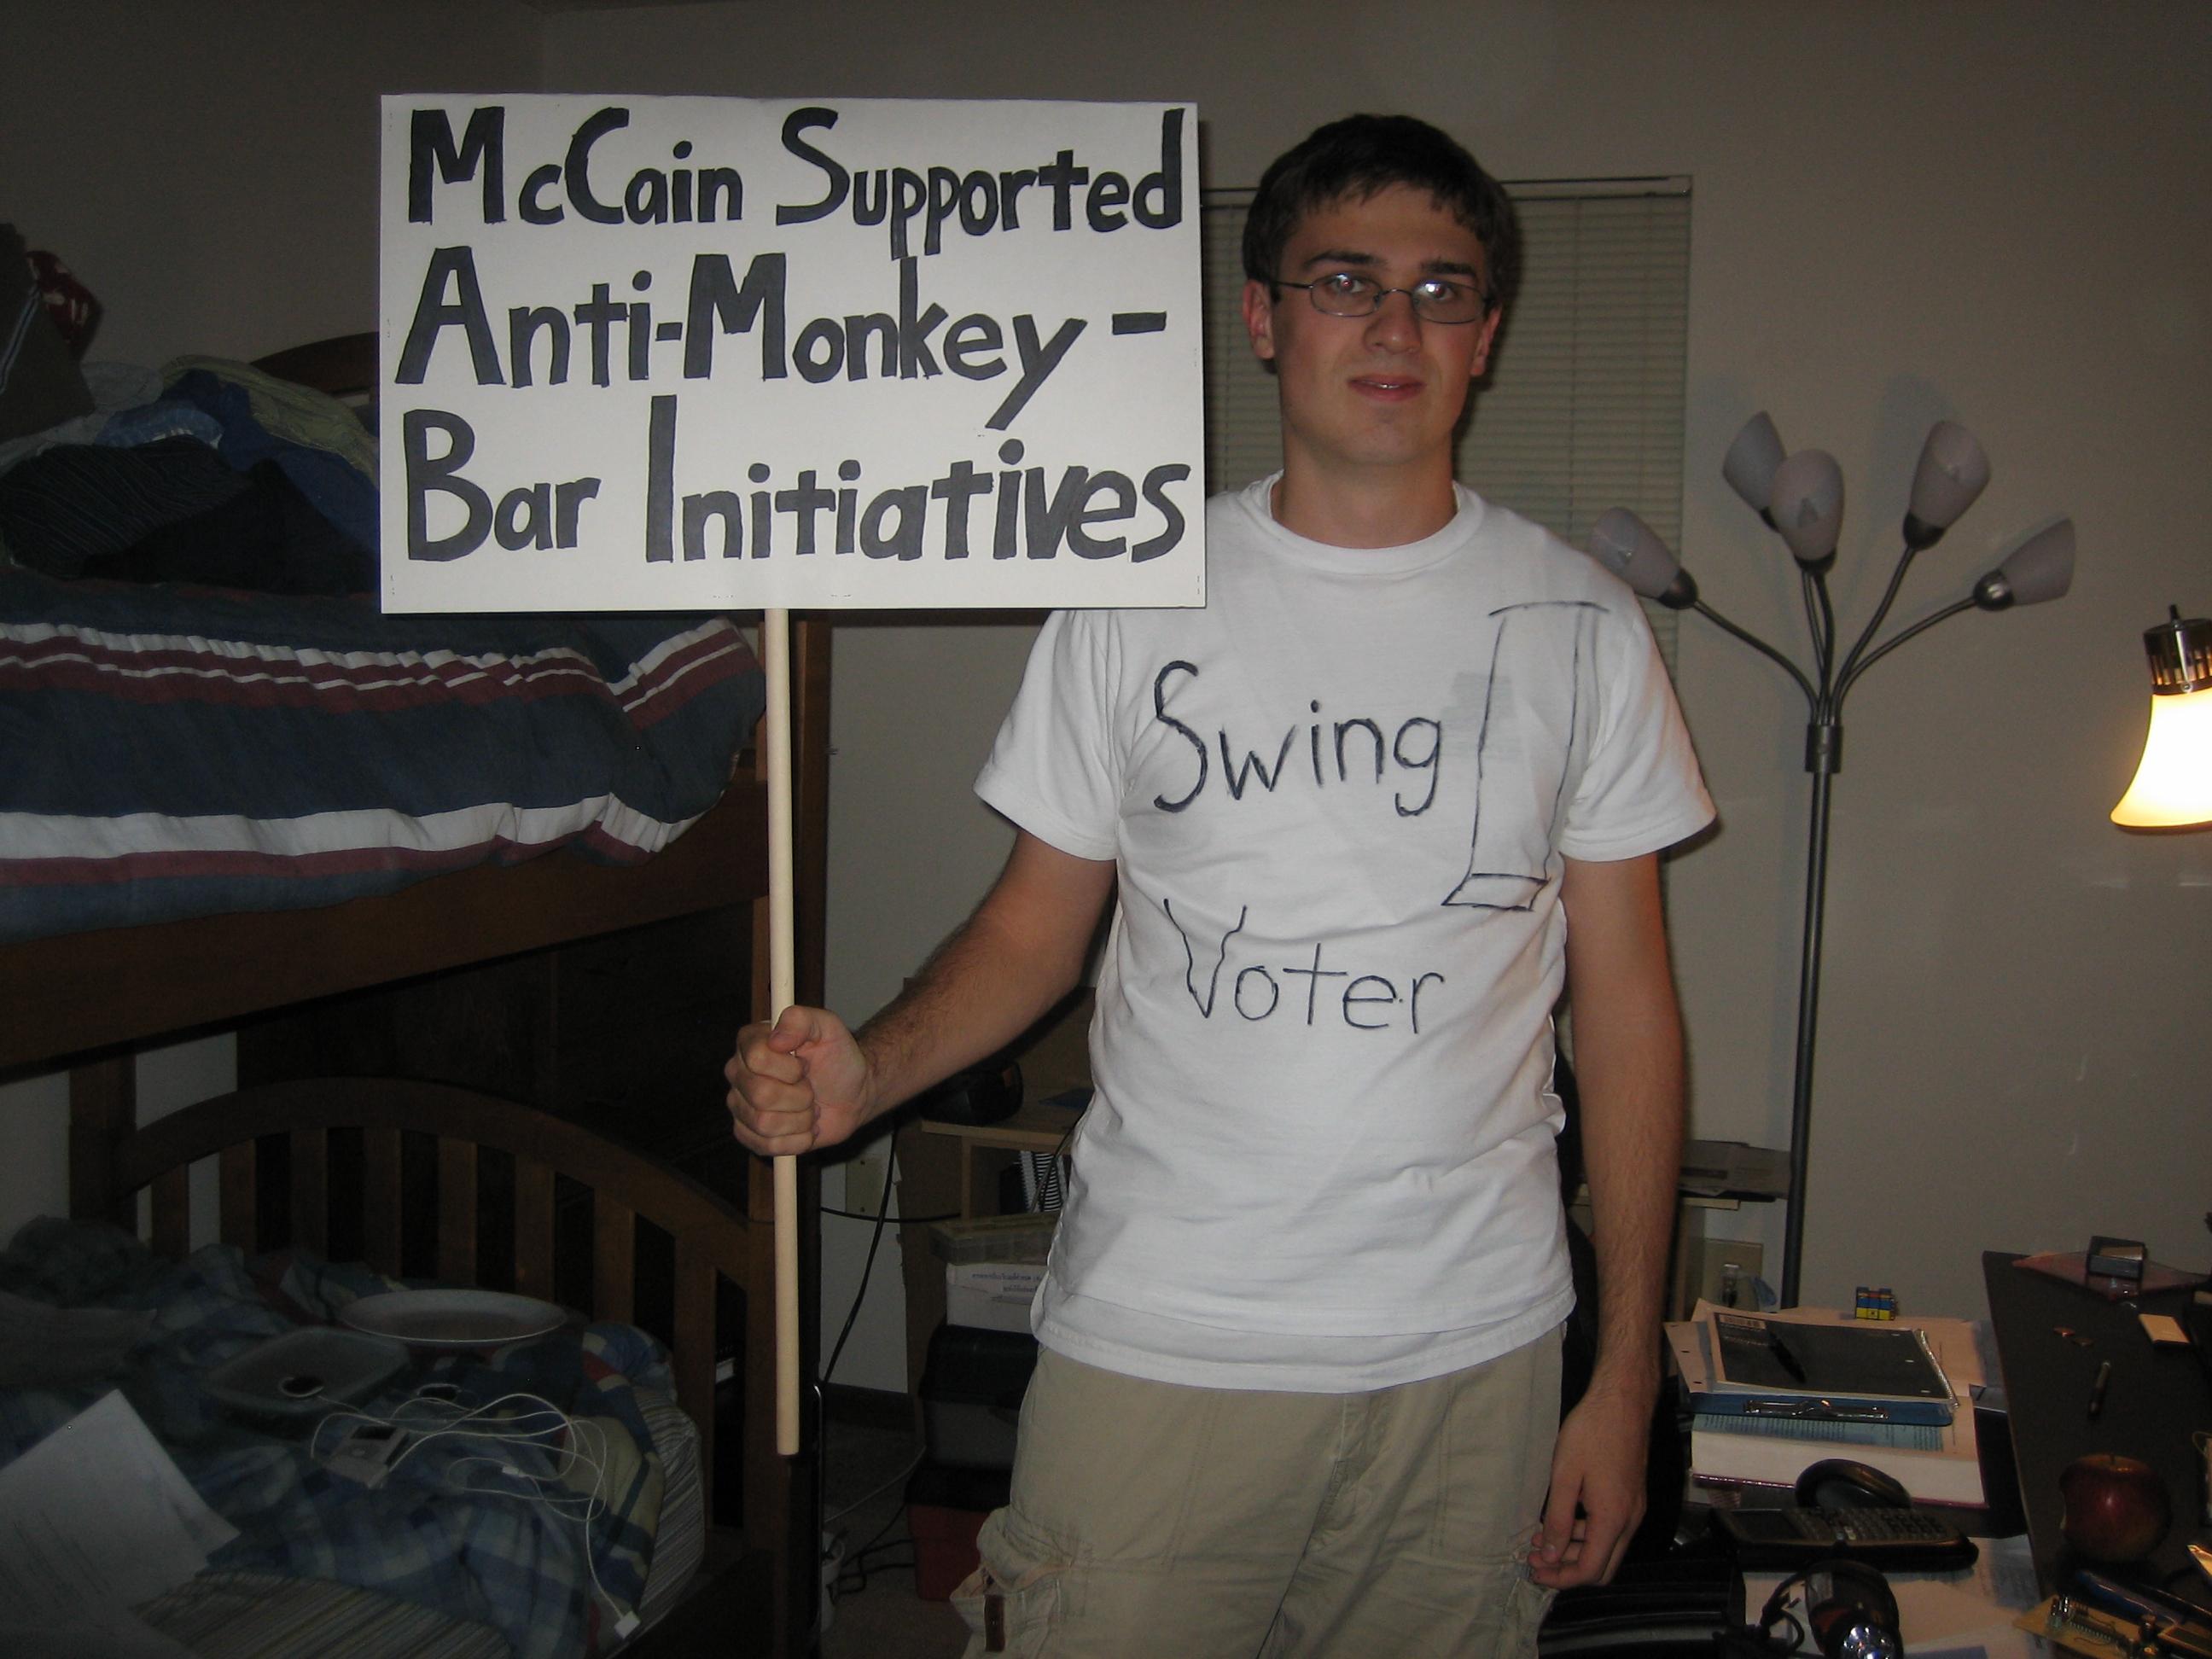 Halloween Costume: Swing Voter